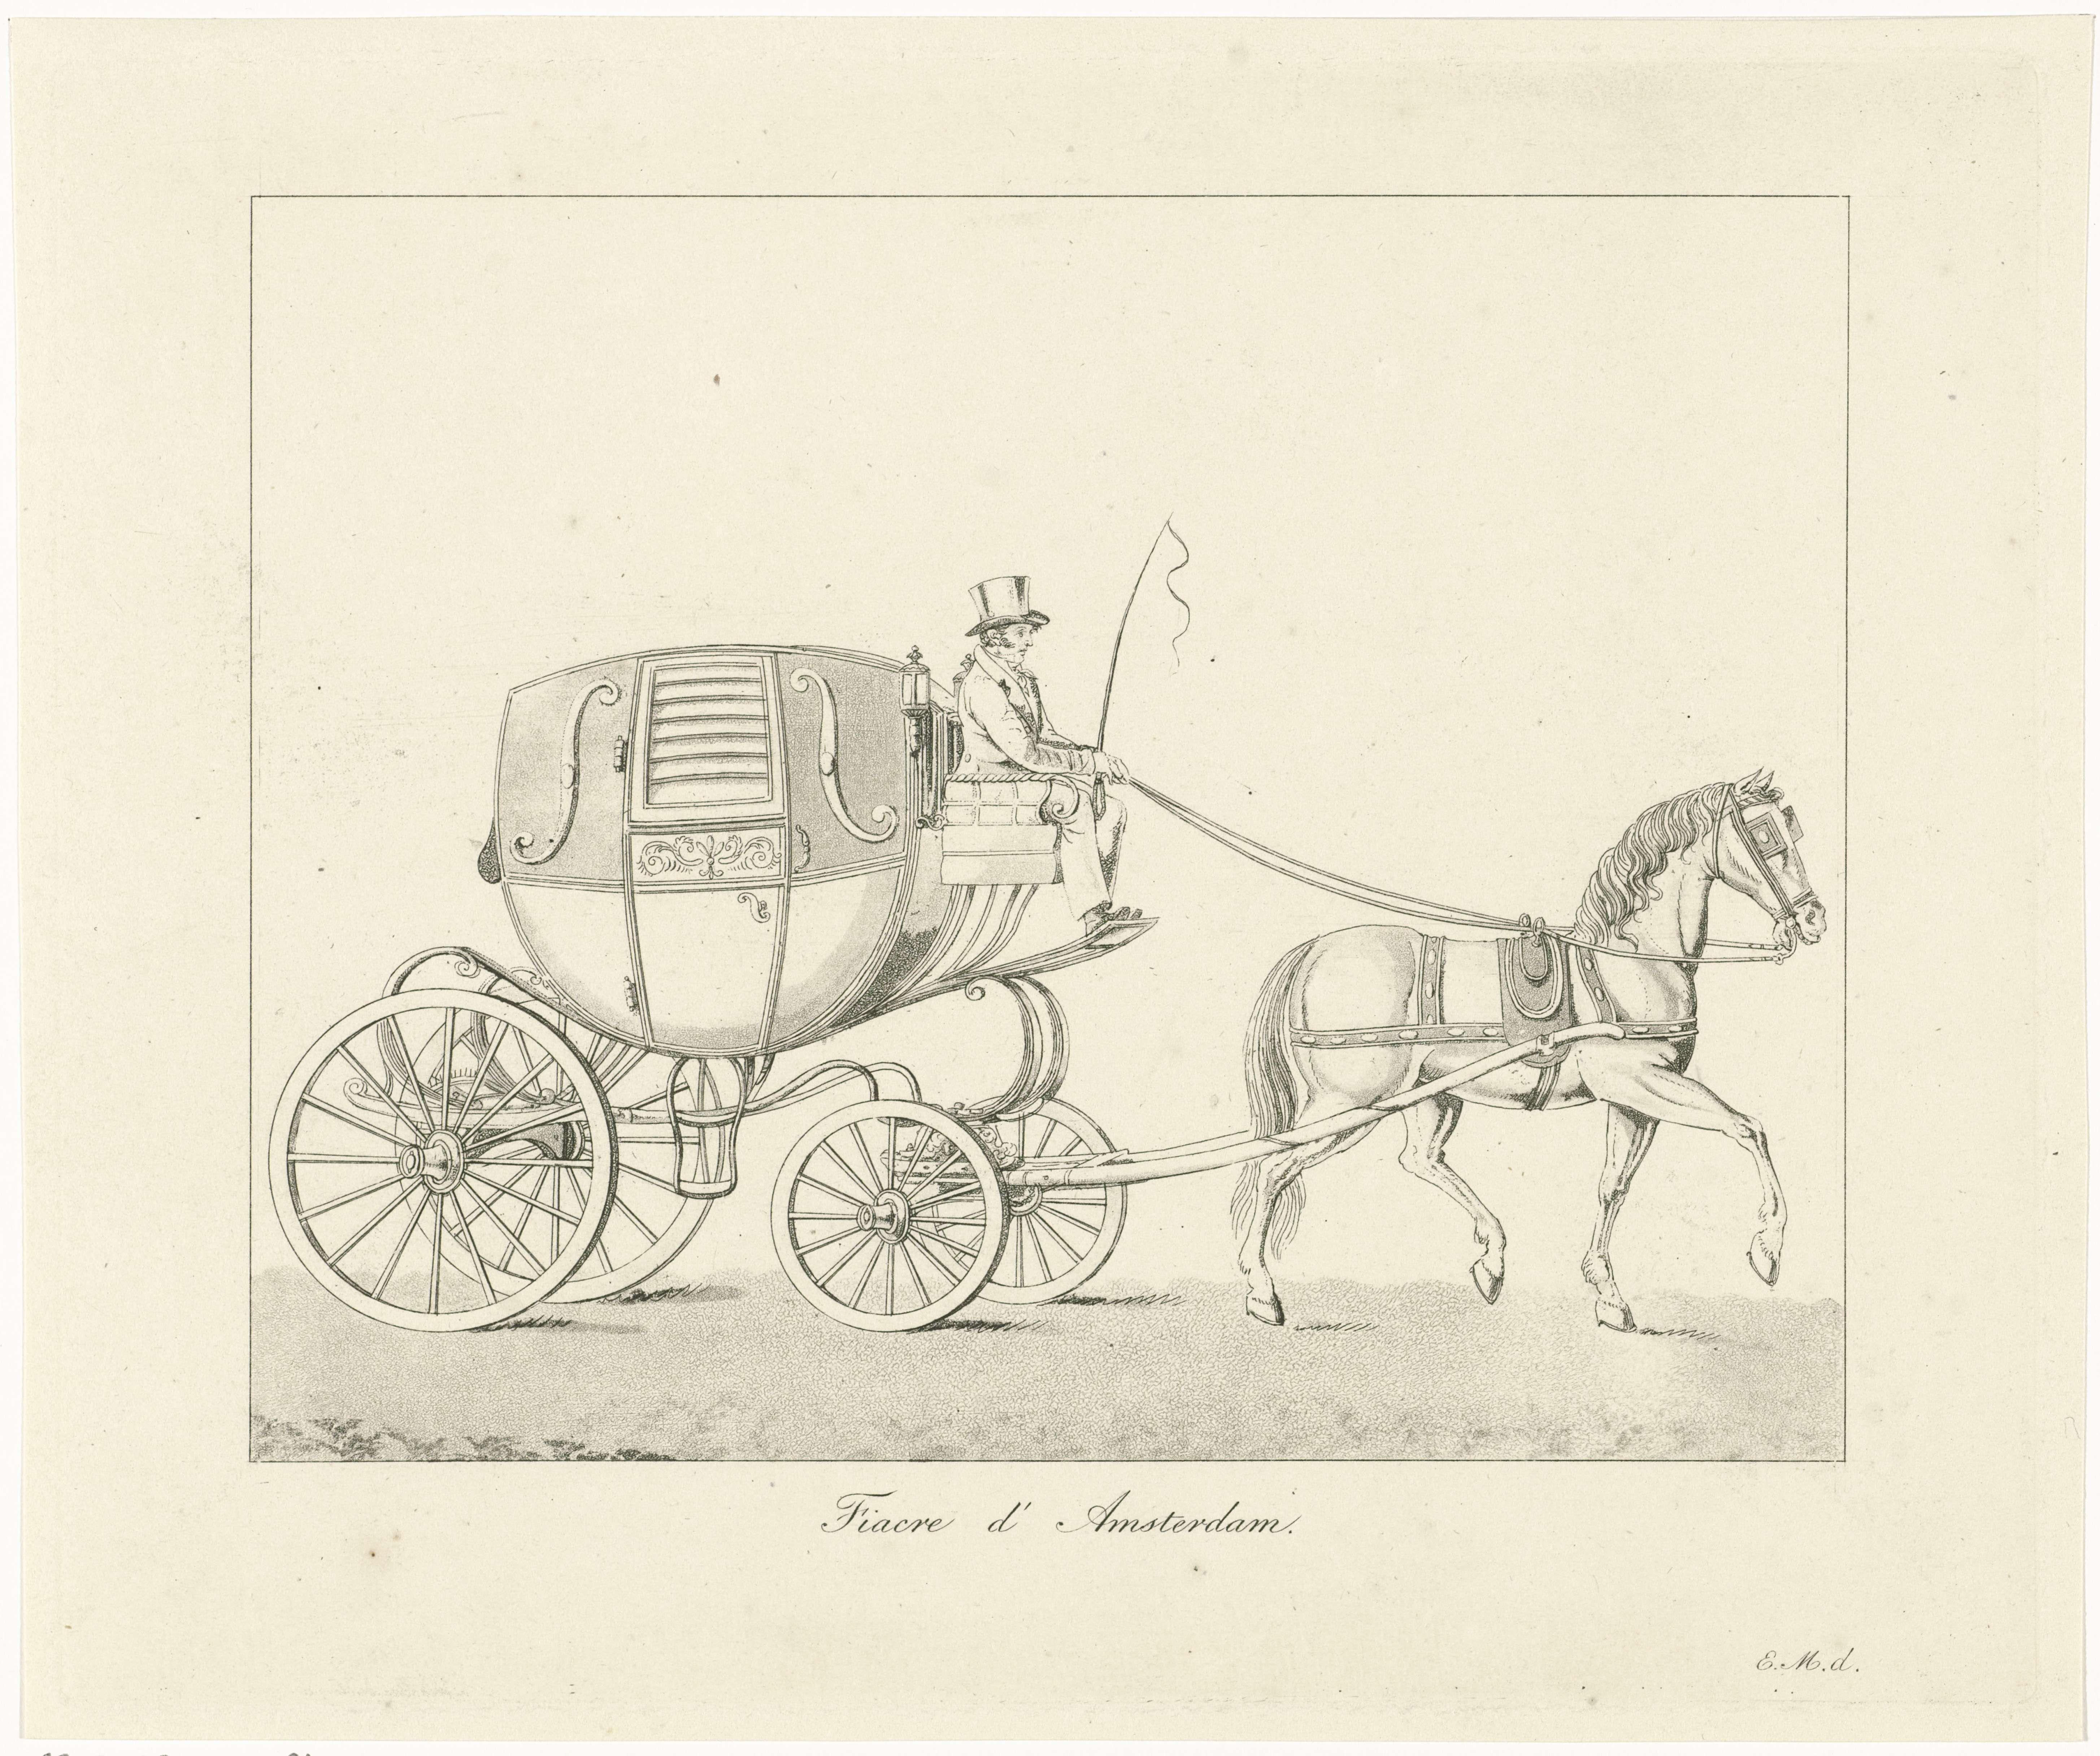 Roelof van der Meulen | Paardenkoets in Amsterdam, Roelof van der Meulen, Evert Maaskamp, 1816 - 1833 | Een koets met een ingespannen paard in Amsterdam. Op de bok de koetsier met een zweep in zijn hand. Dit type koets werd in Amsterdam ook wel Brommertje genoemd.